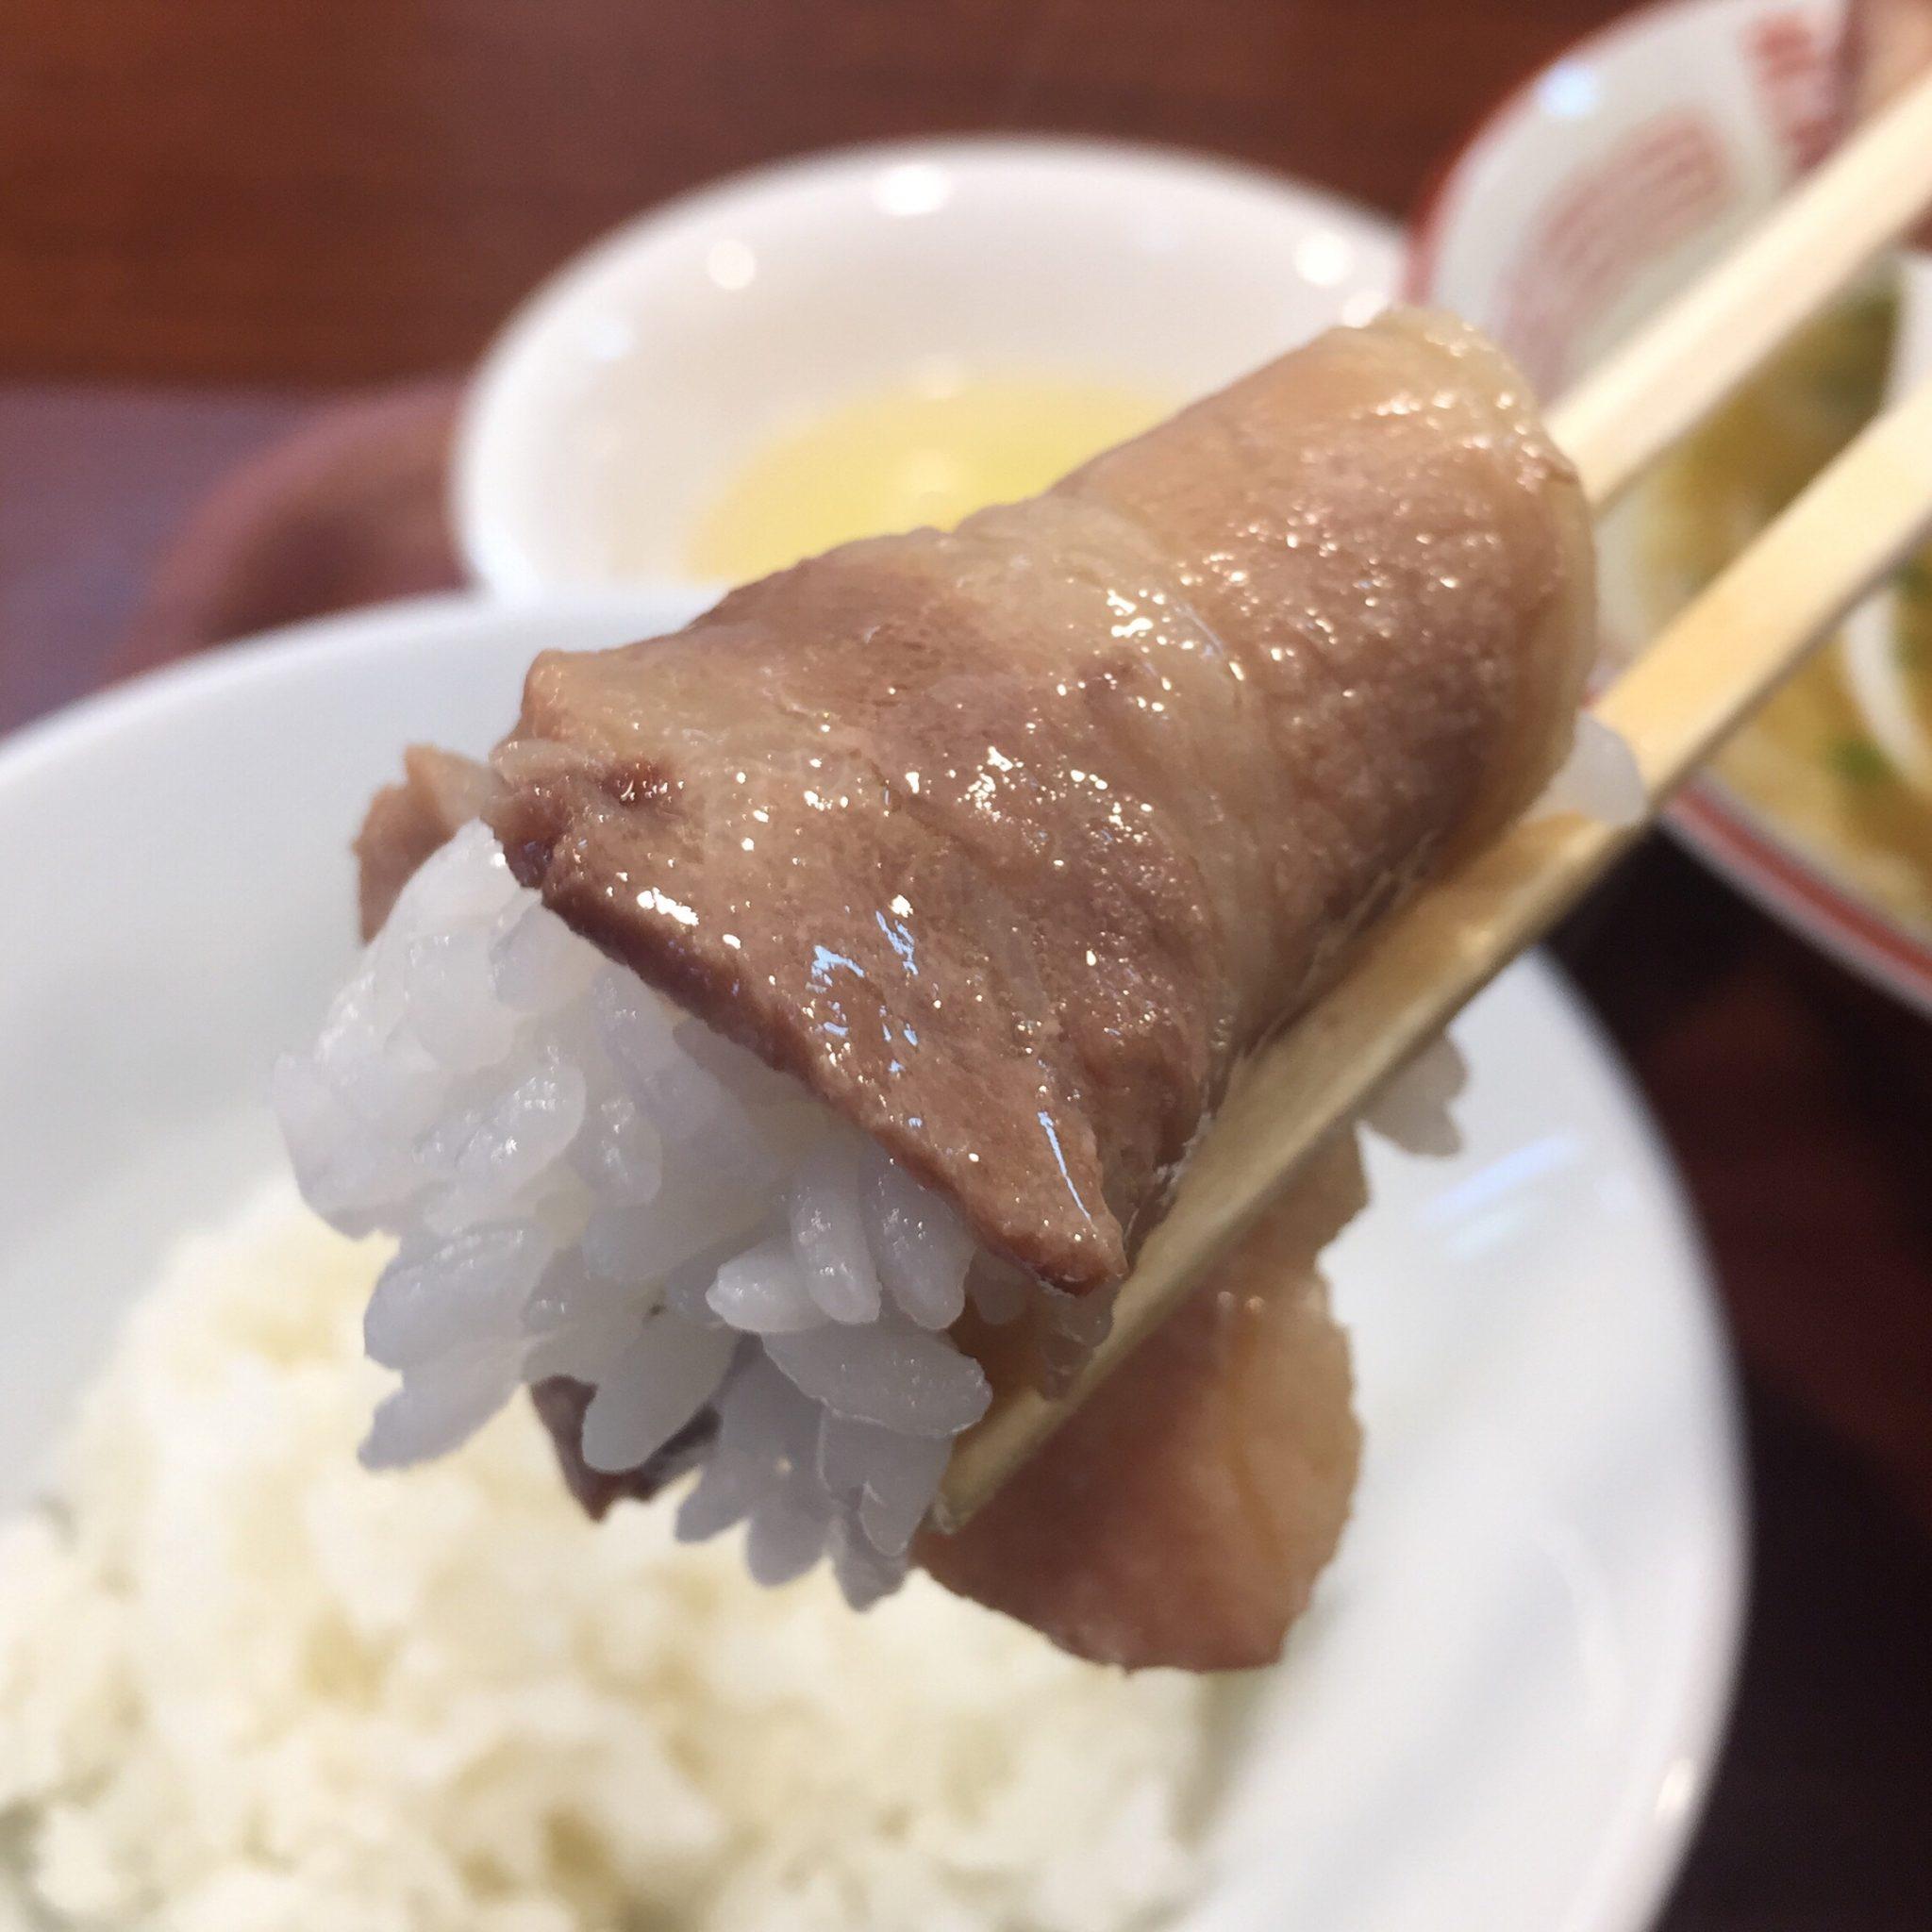 柳麺 多むら 外旭川店 徳島風中華そば ご飯付き 肉巻きご飯